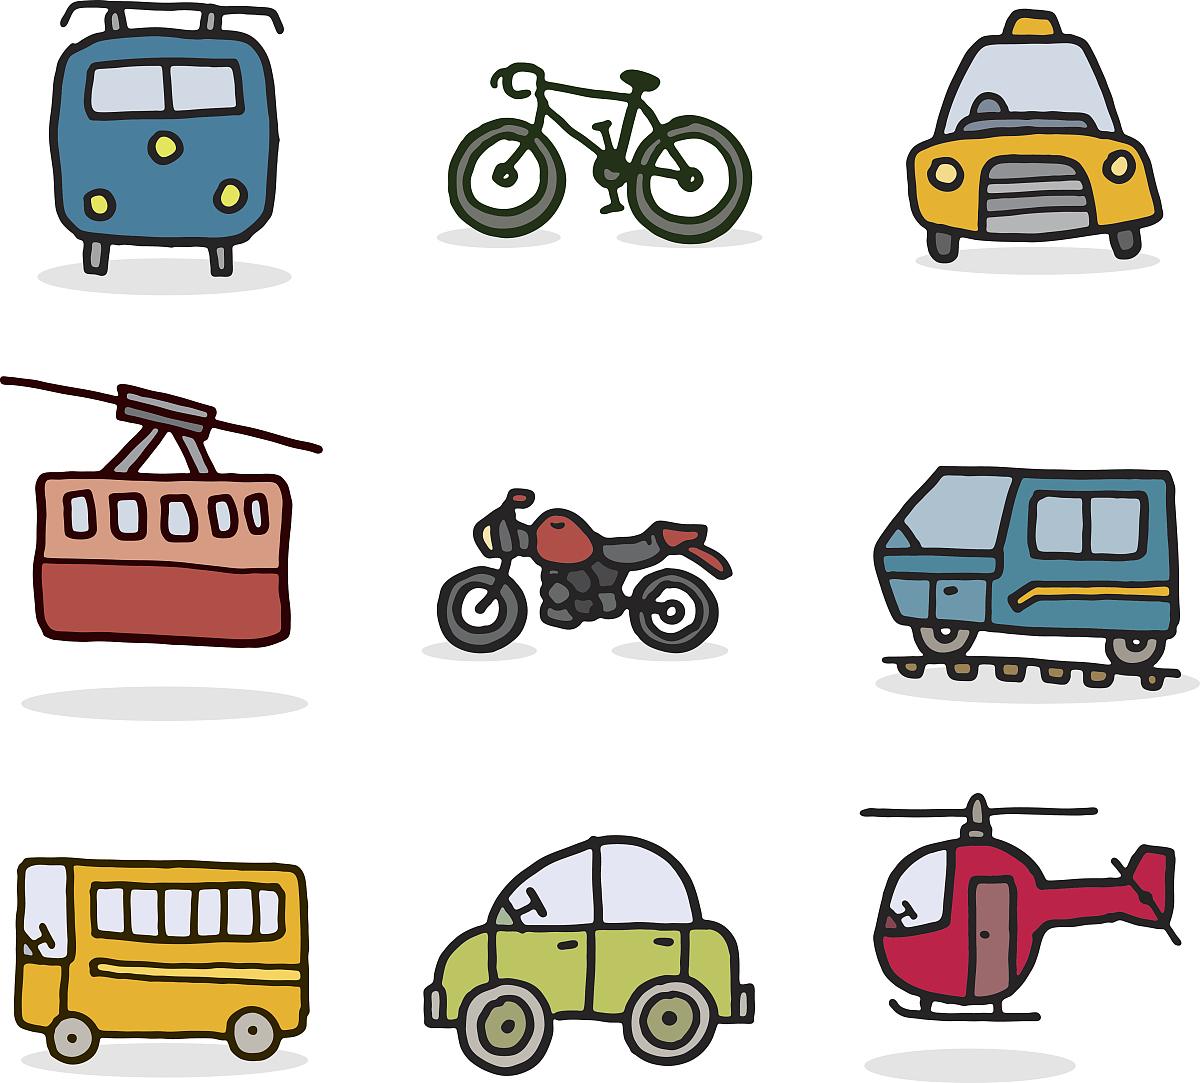 摩托车,阴影,计算机图标,交通,校车,背景分离,可爱的,彩色图片,铅笔画图片